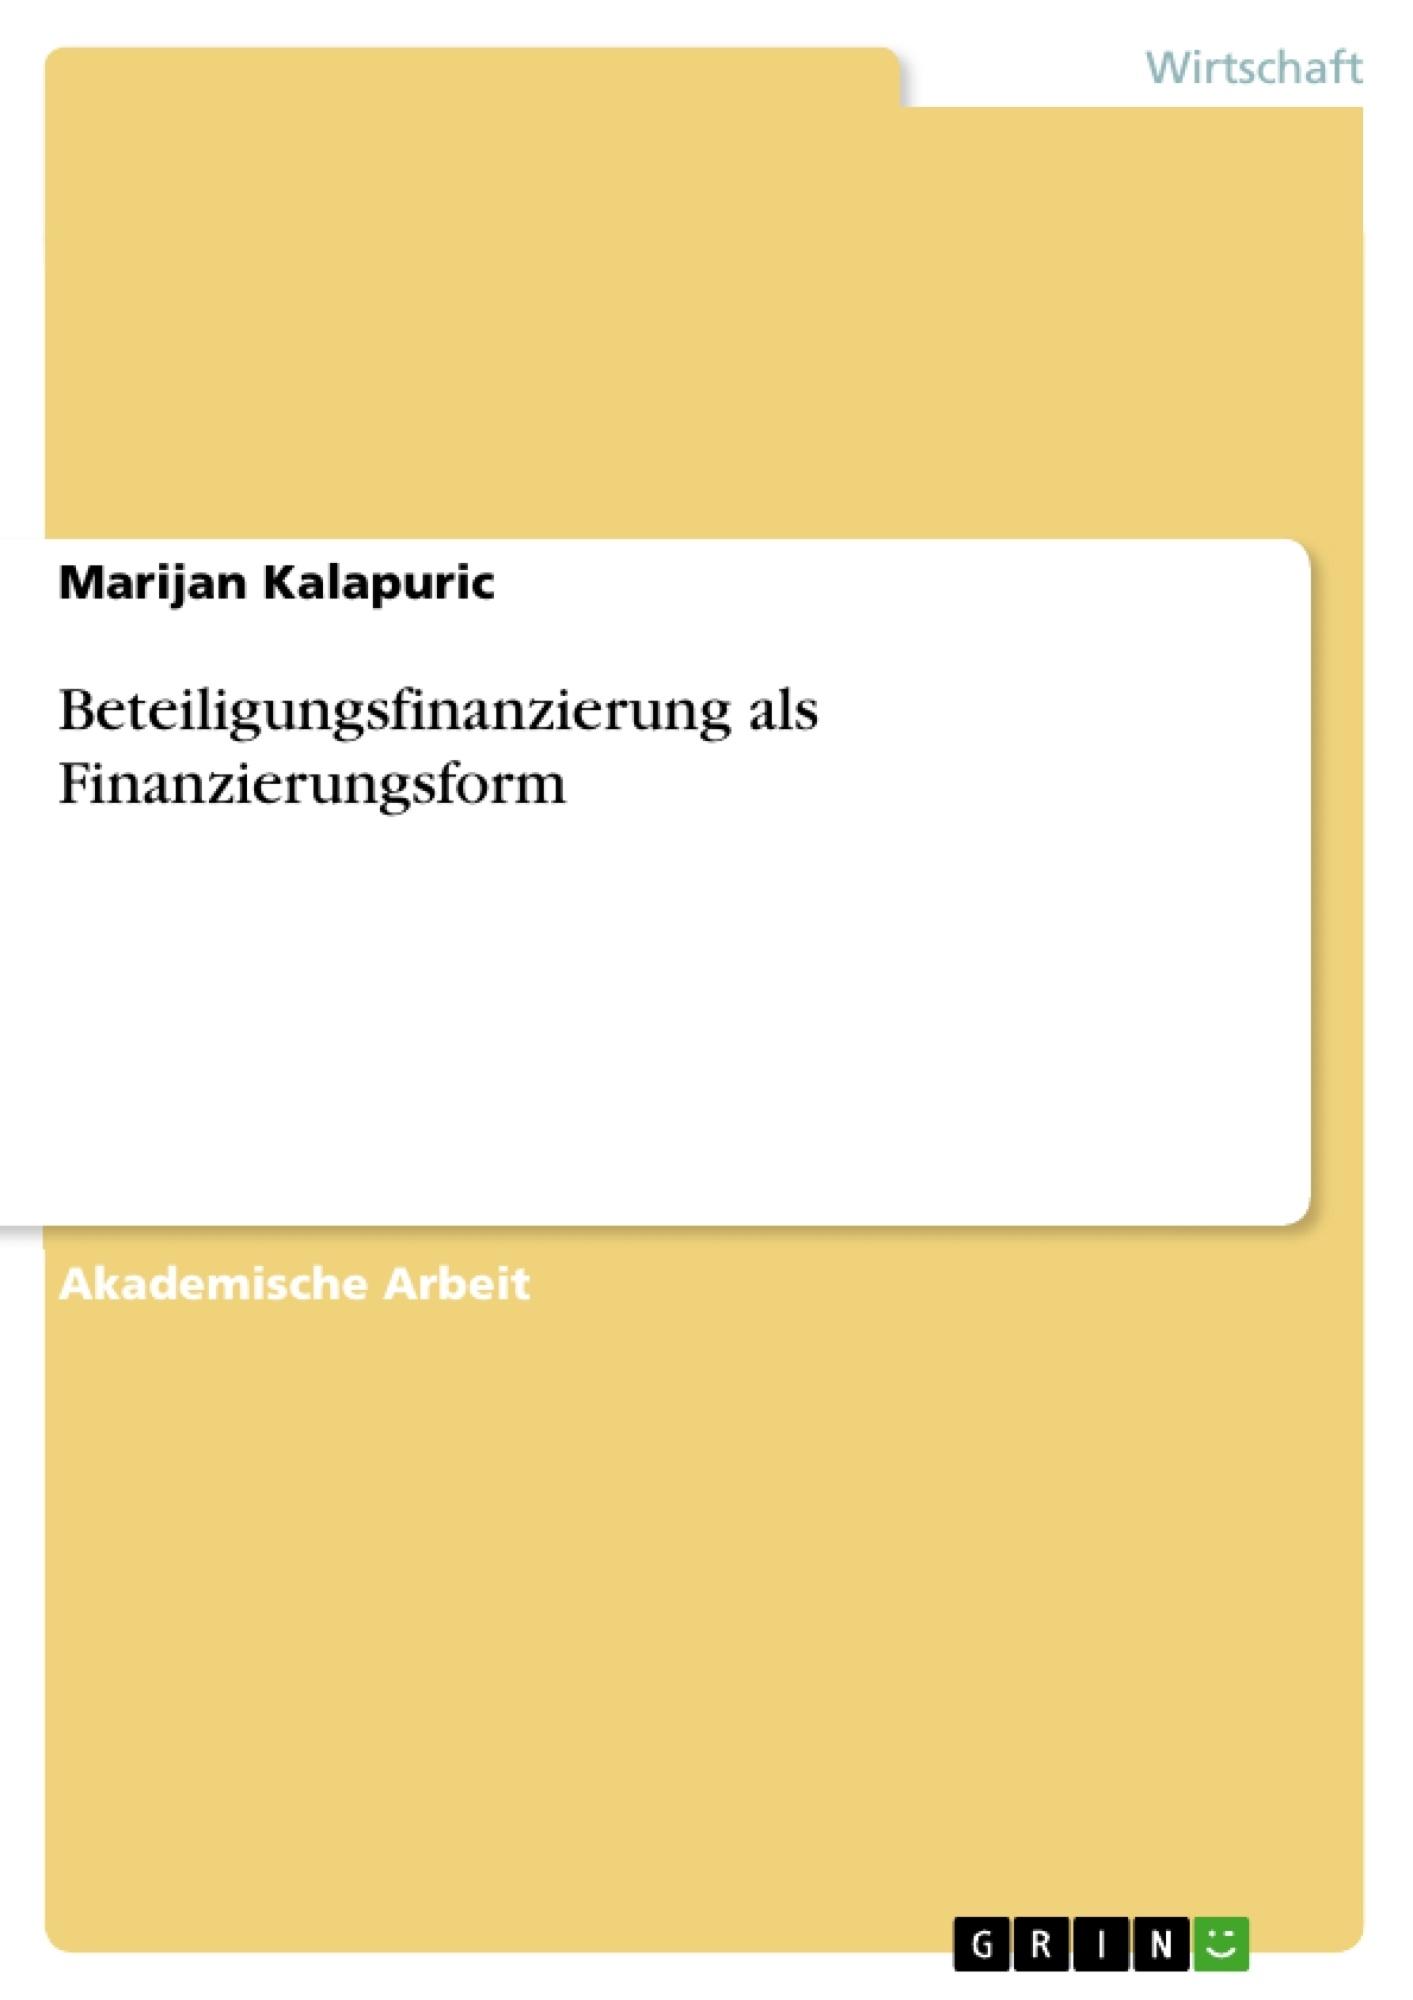 Titel: Beteiligungsfinanzierung als Finanzierungsform